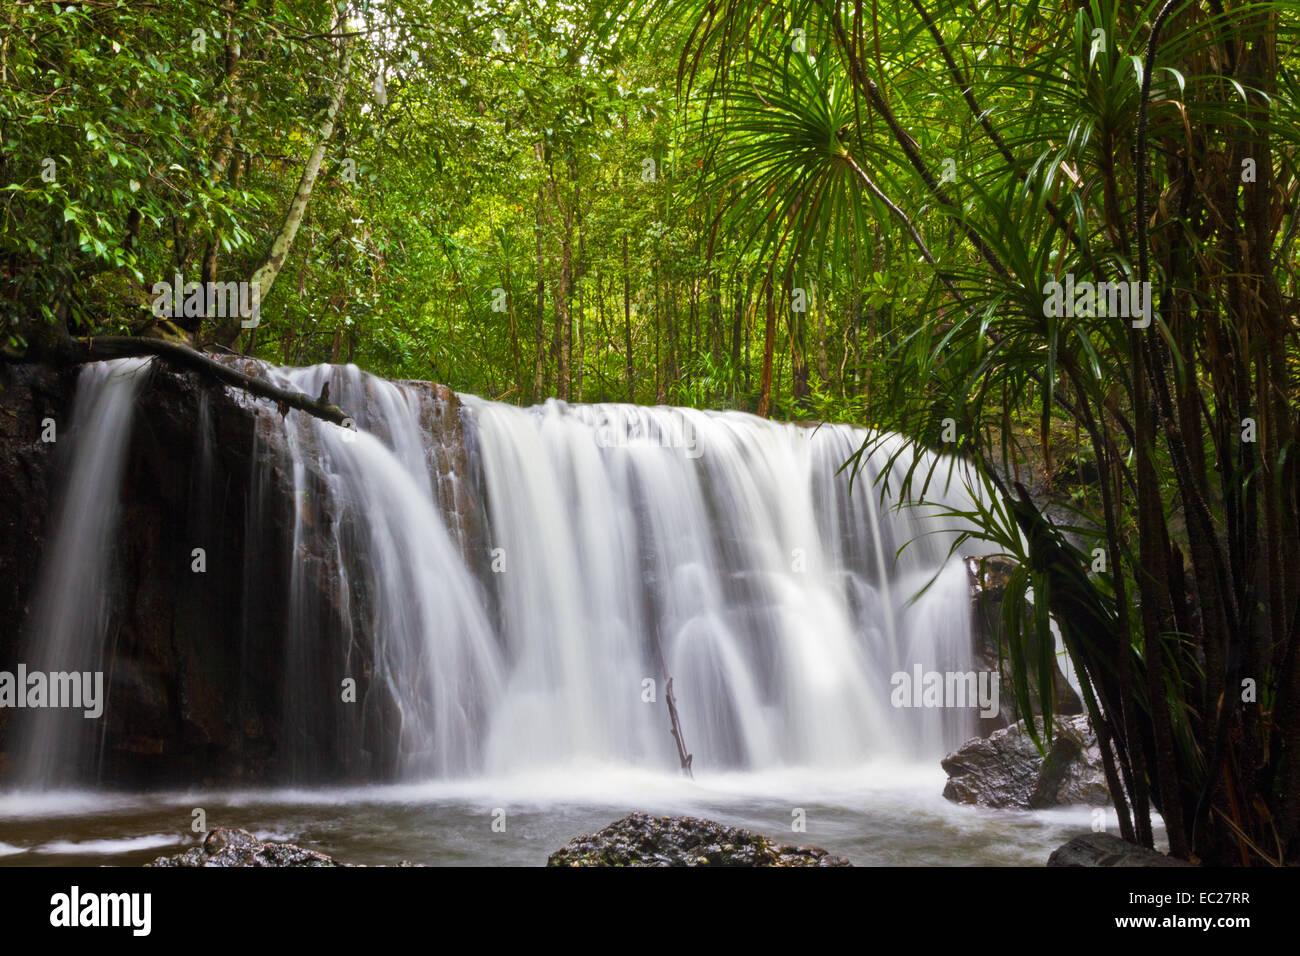 Suoi Tranh waterfall in Phu Quoc, Vietnam - Stock Image